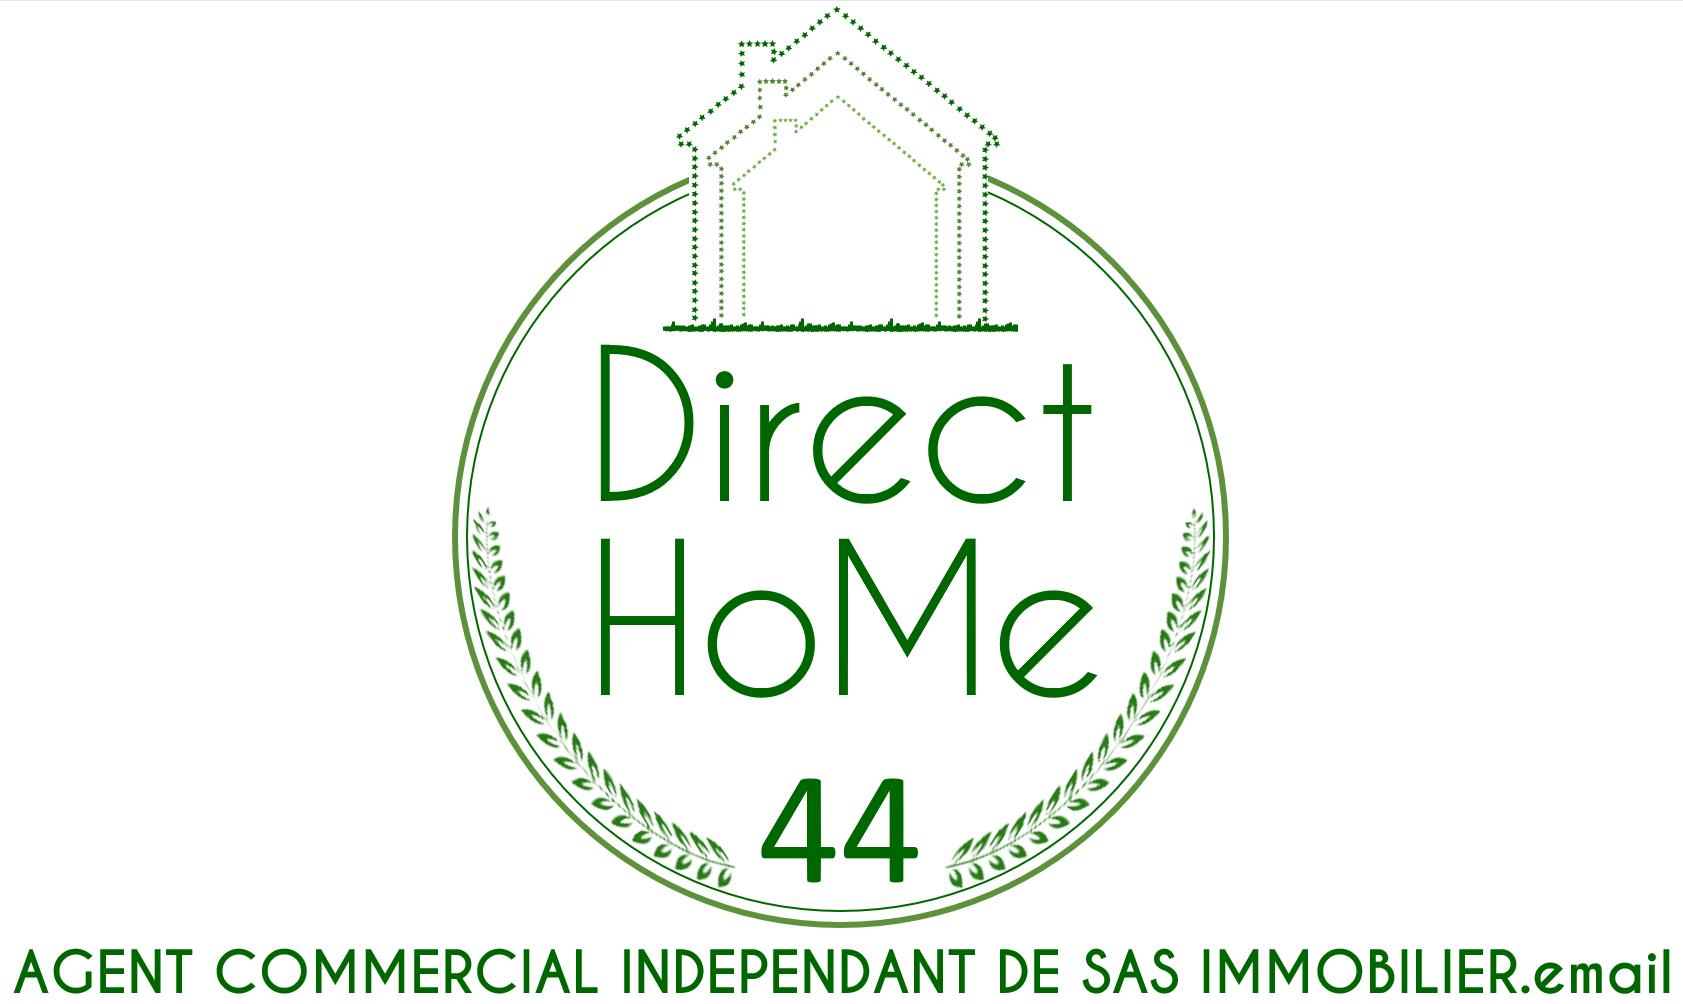 Maxime MARSOIN, agent commercial indépendant sous l'enseigne : Direct Home 44